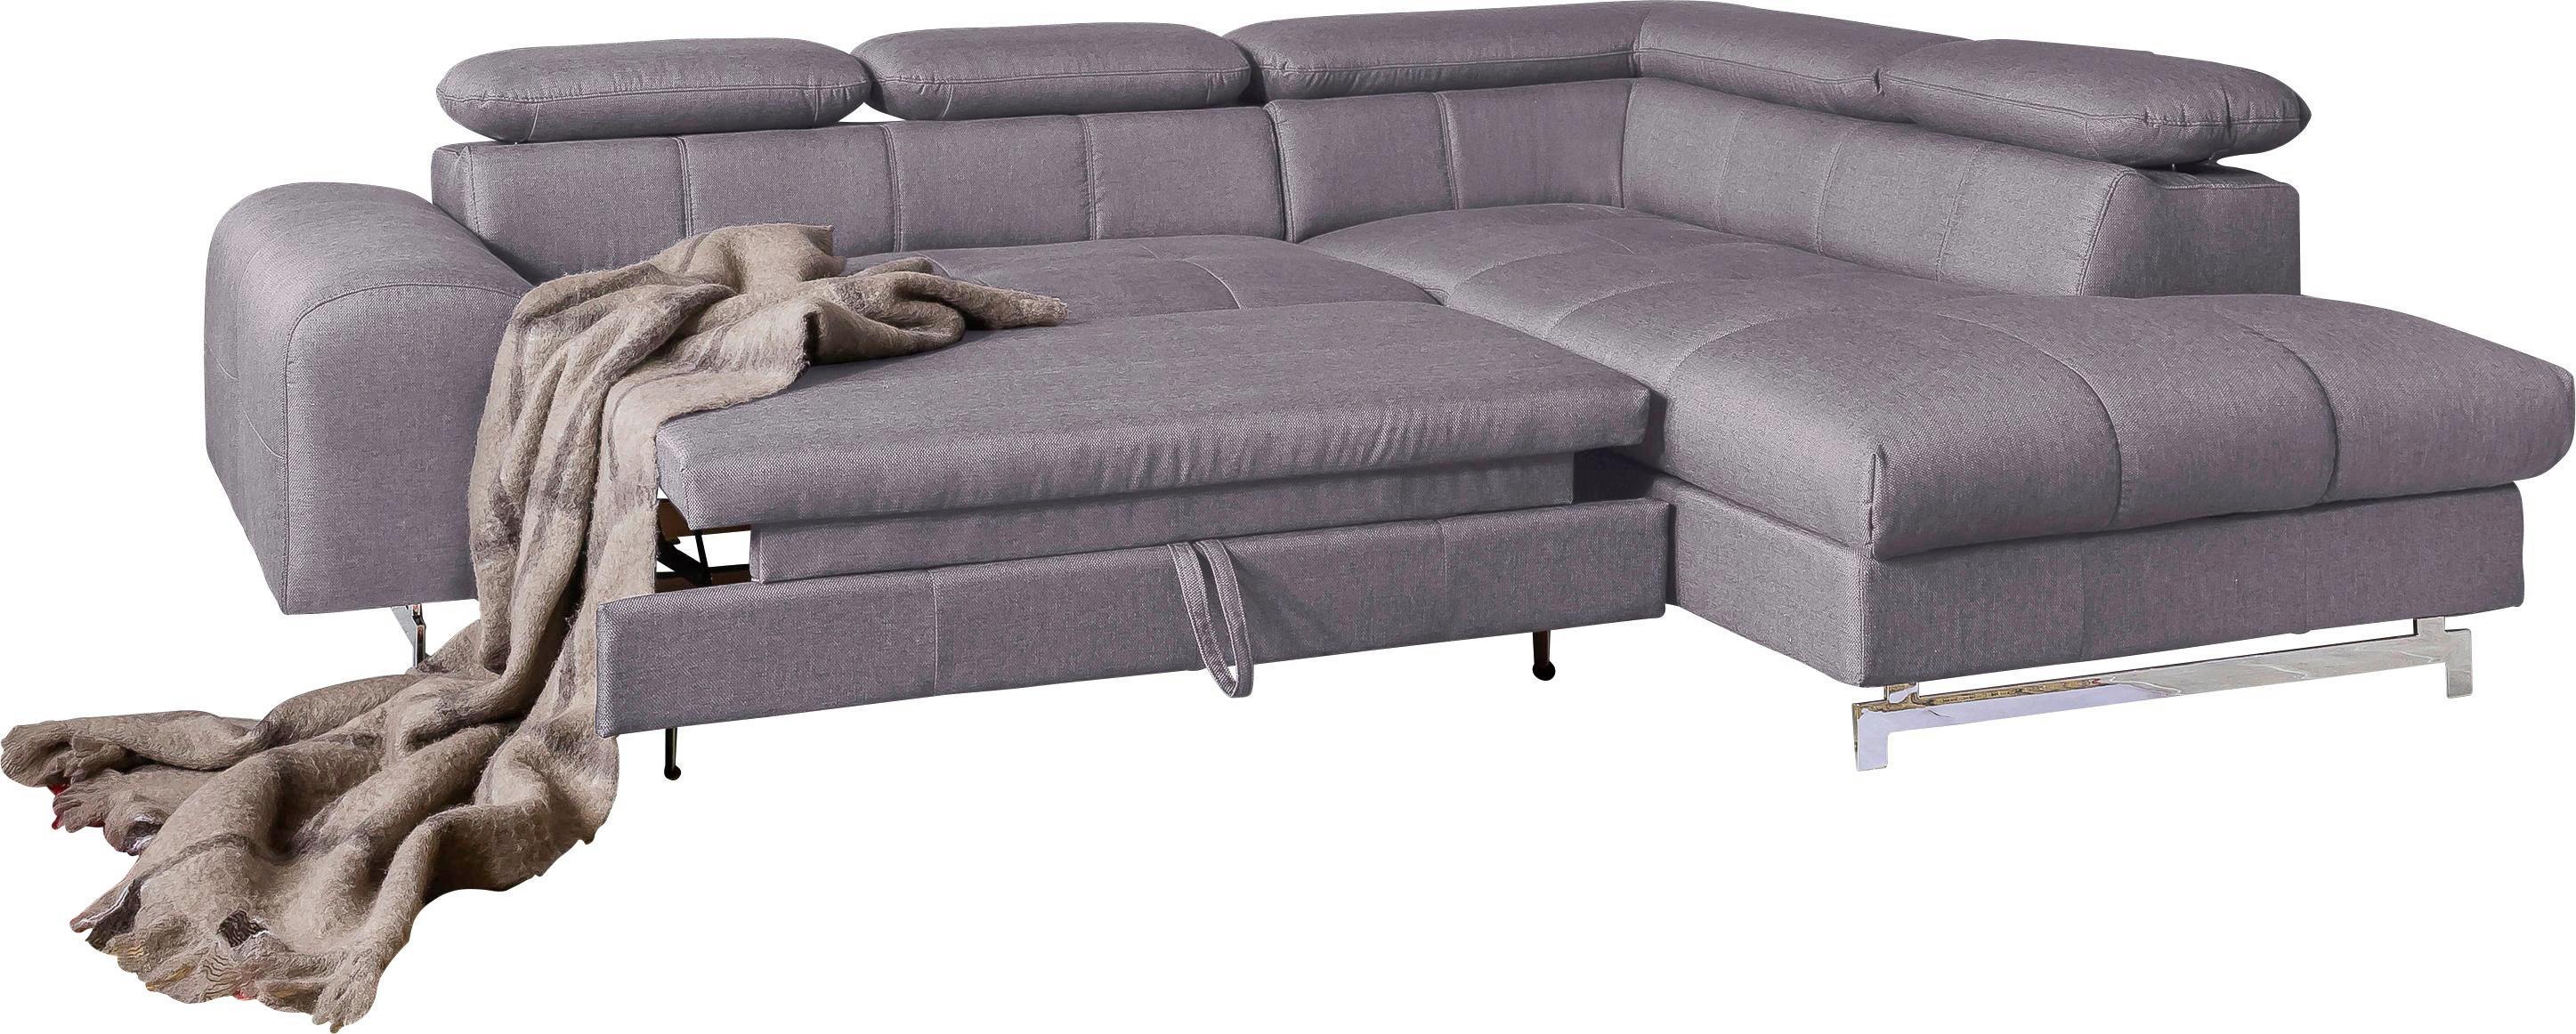 WEBSTOFF ECKSOFA Webstoff Bettkasten, Rücken echt, Schlaffunktion Grau - Chromfarben/Grau, Trend, Textil (262/92/206cm) - CARRYHOME